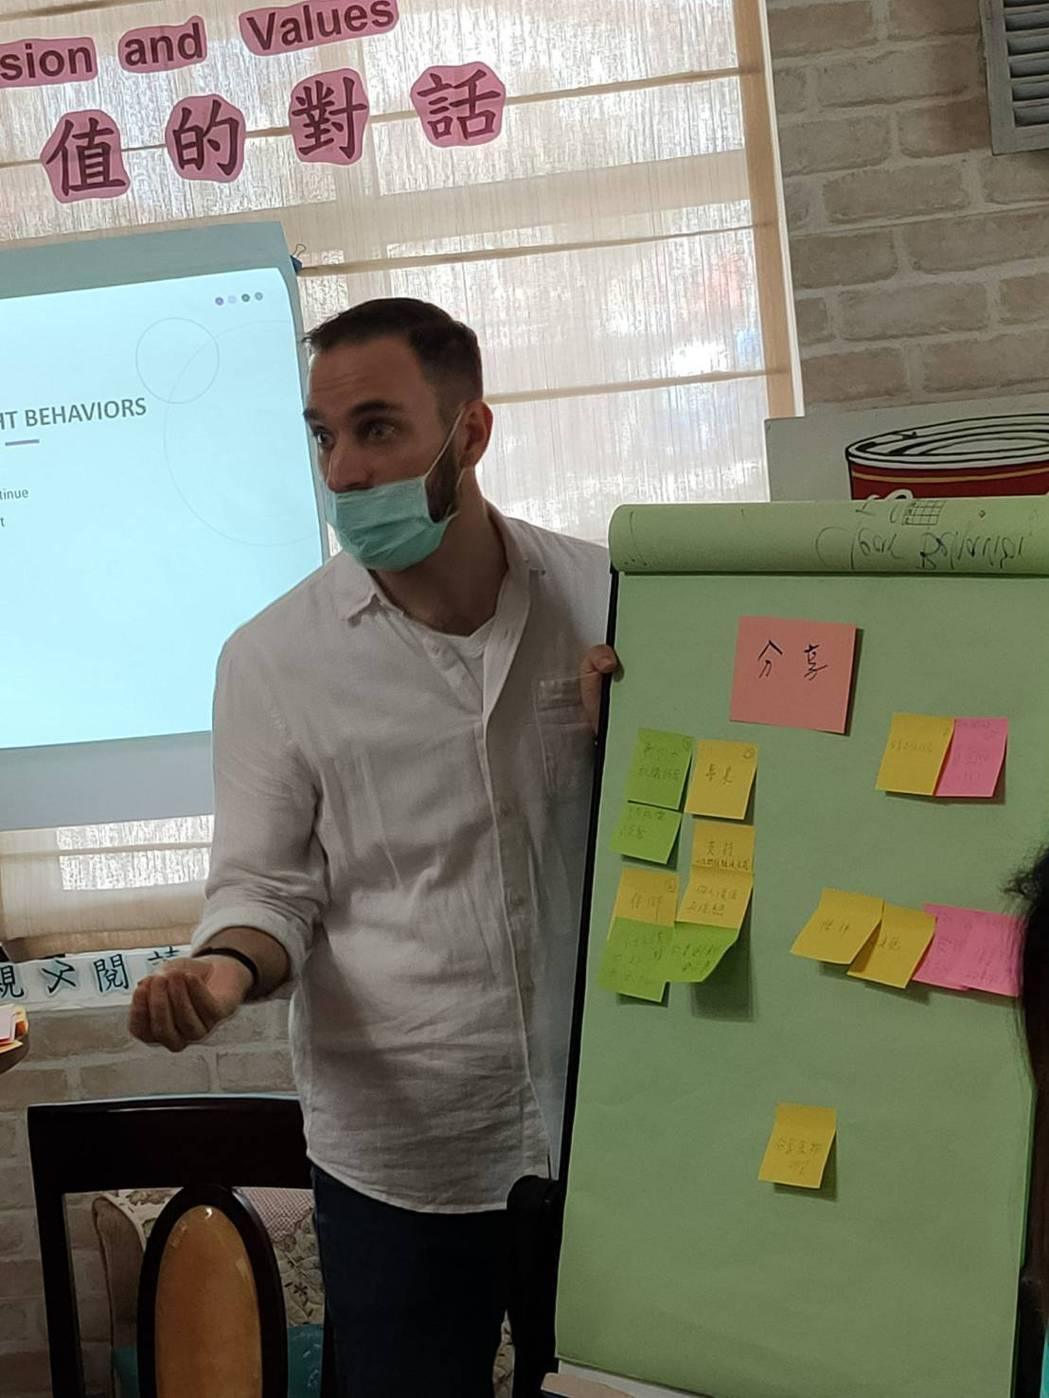 講師Jeff 活潑、充滿活力地讓學員充分融入活動。   德蘭/提供